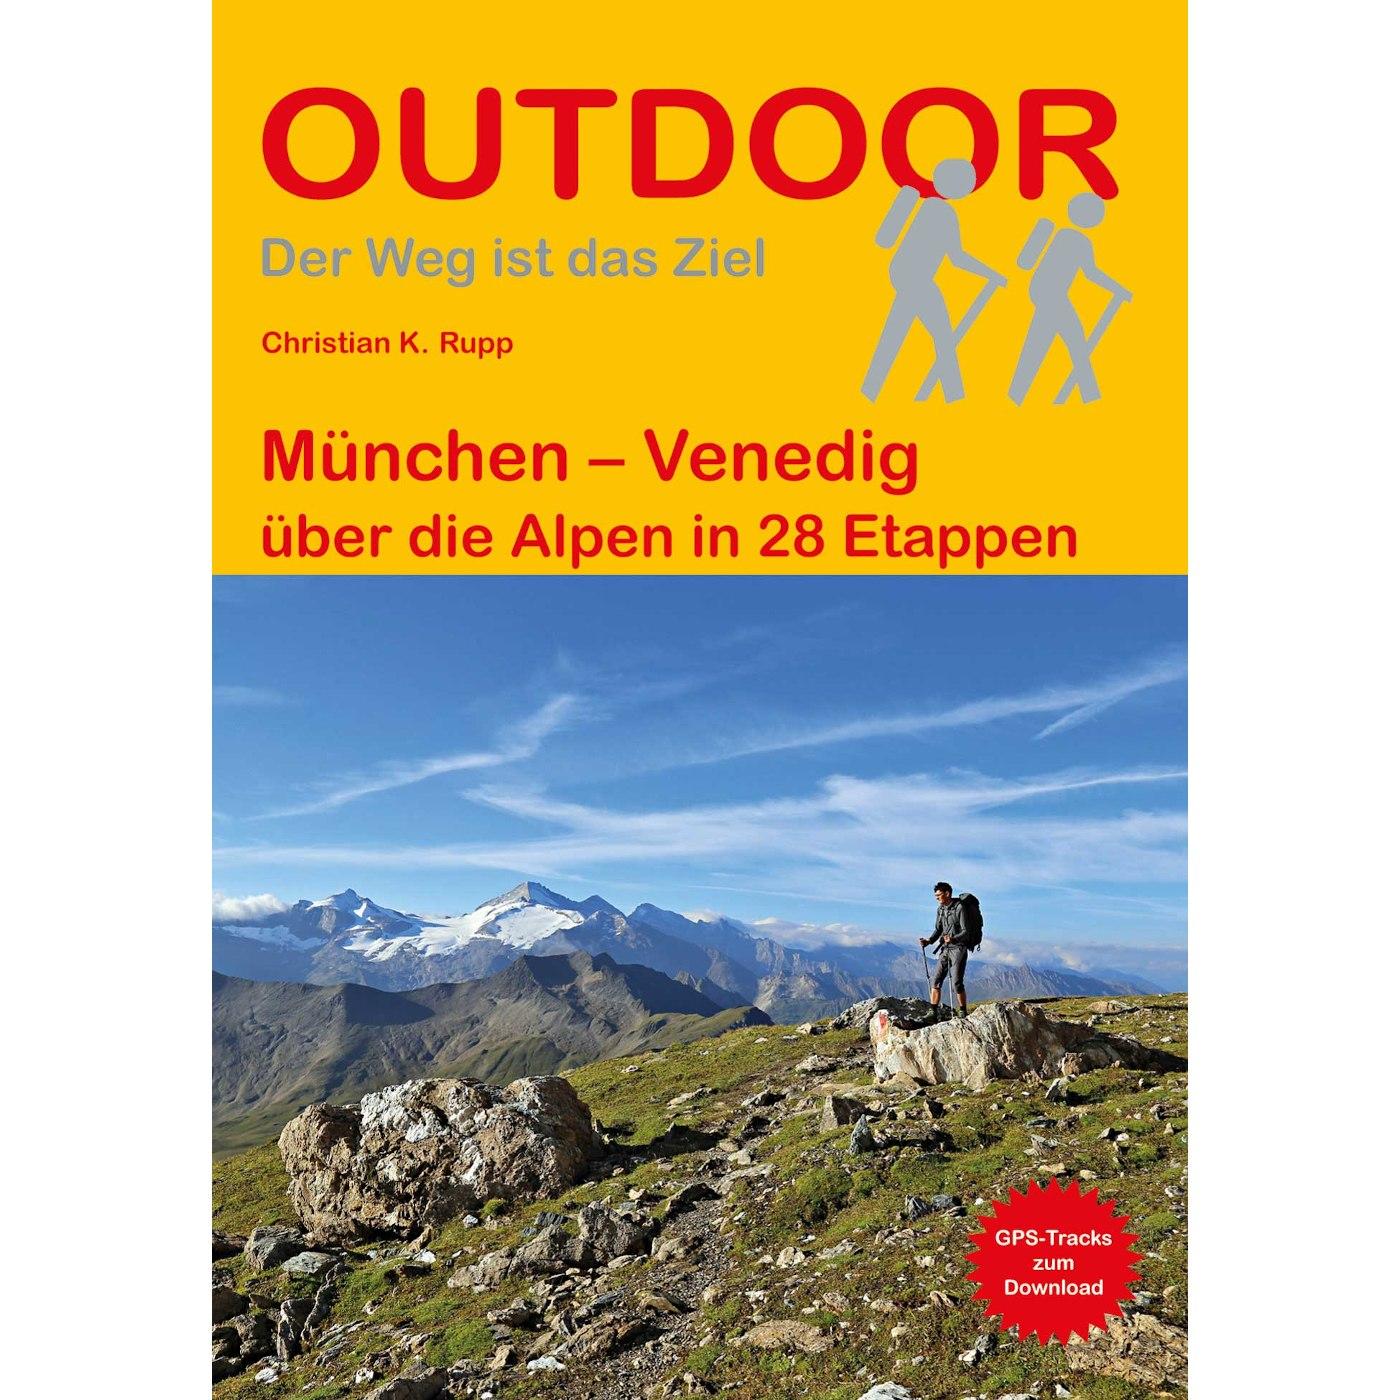 München – Venedig über die Alpen in 28 Etappen